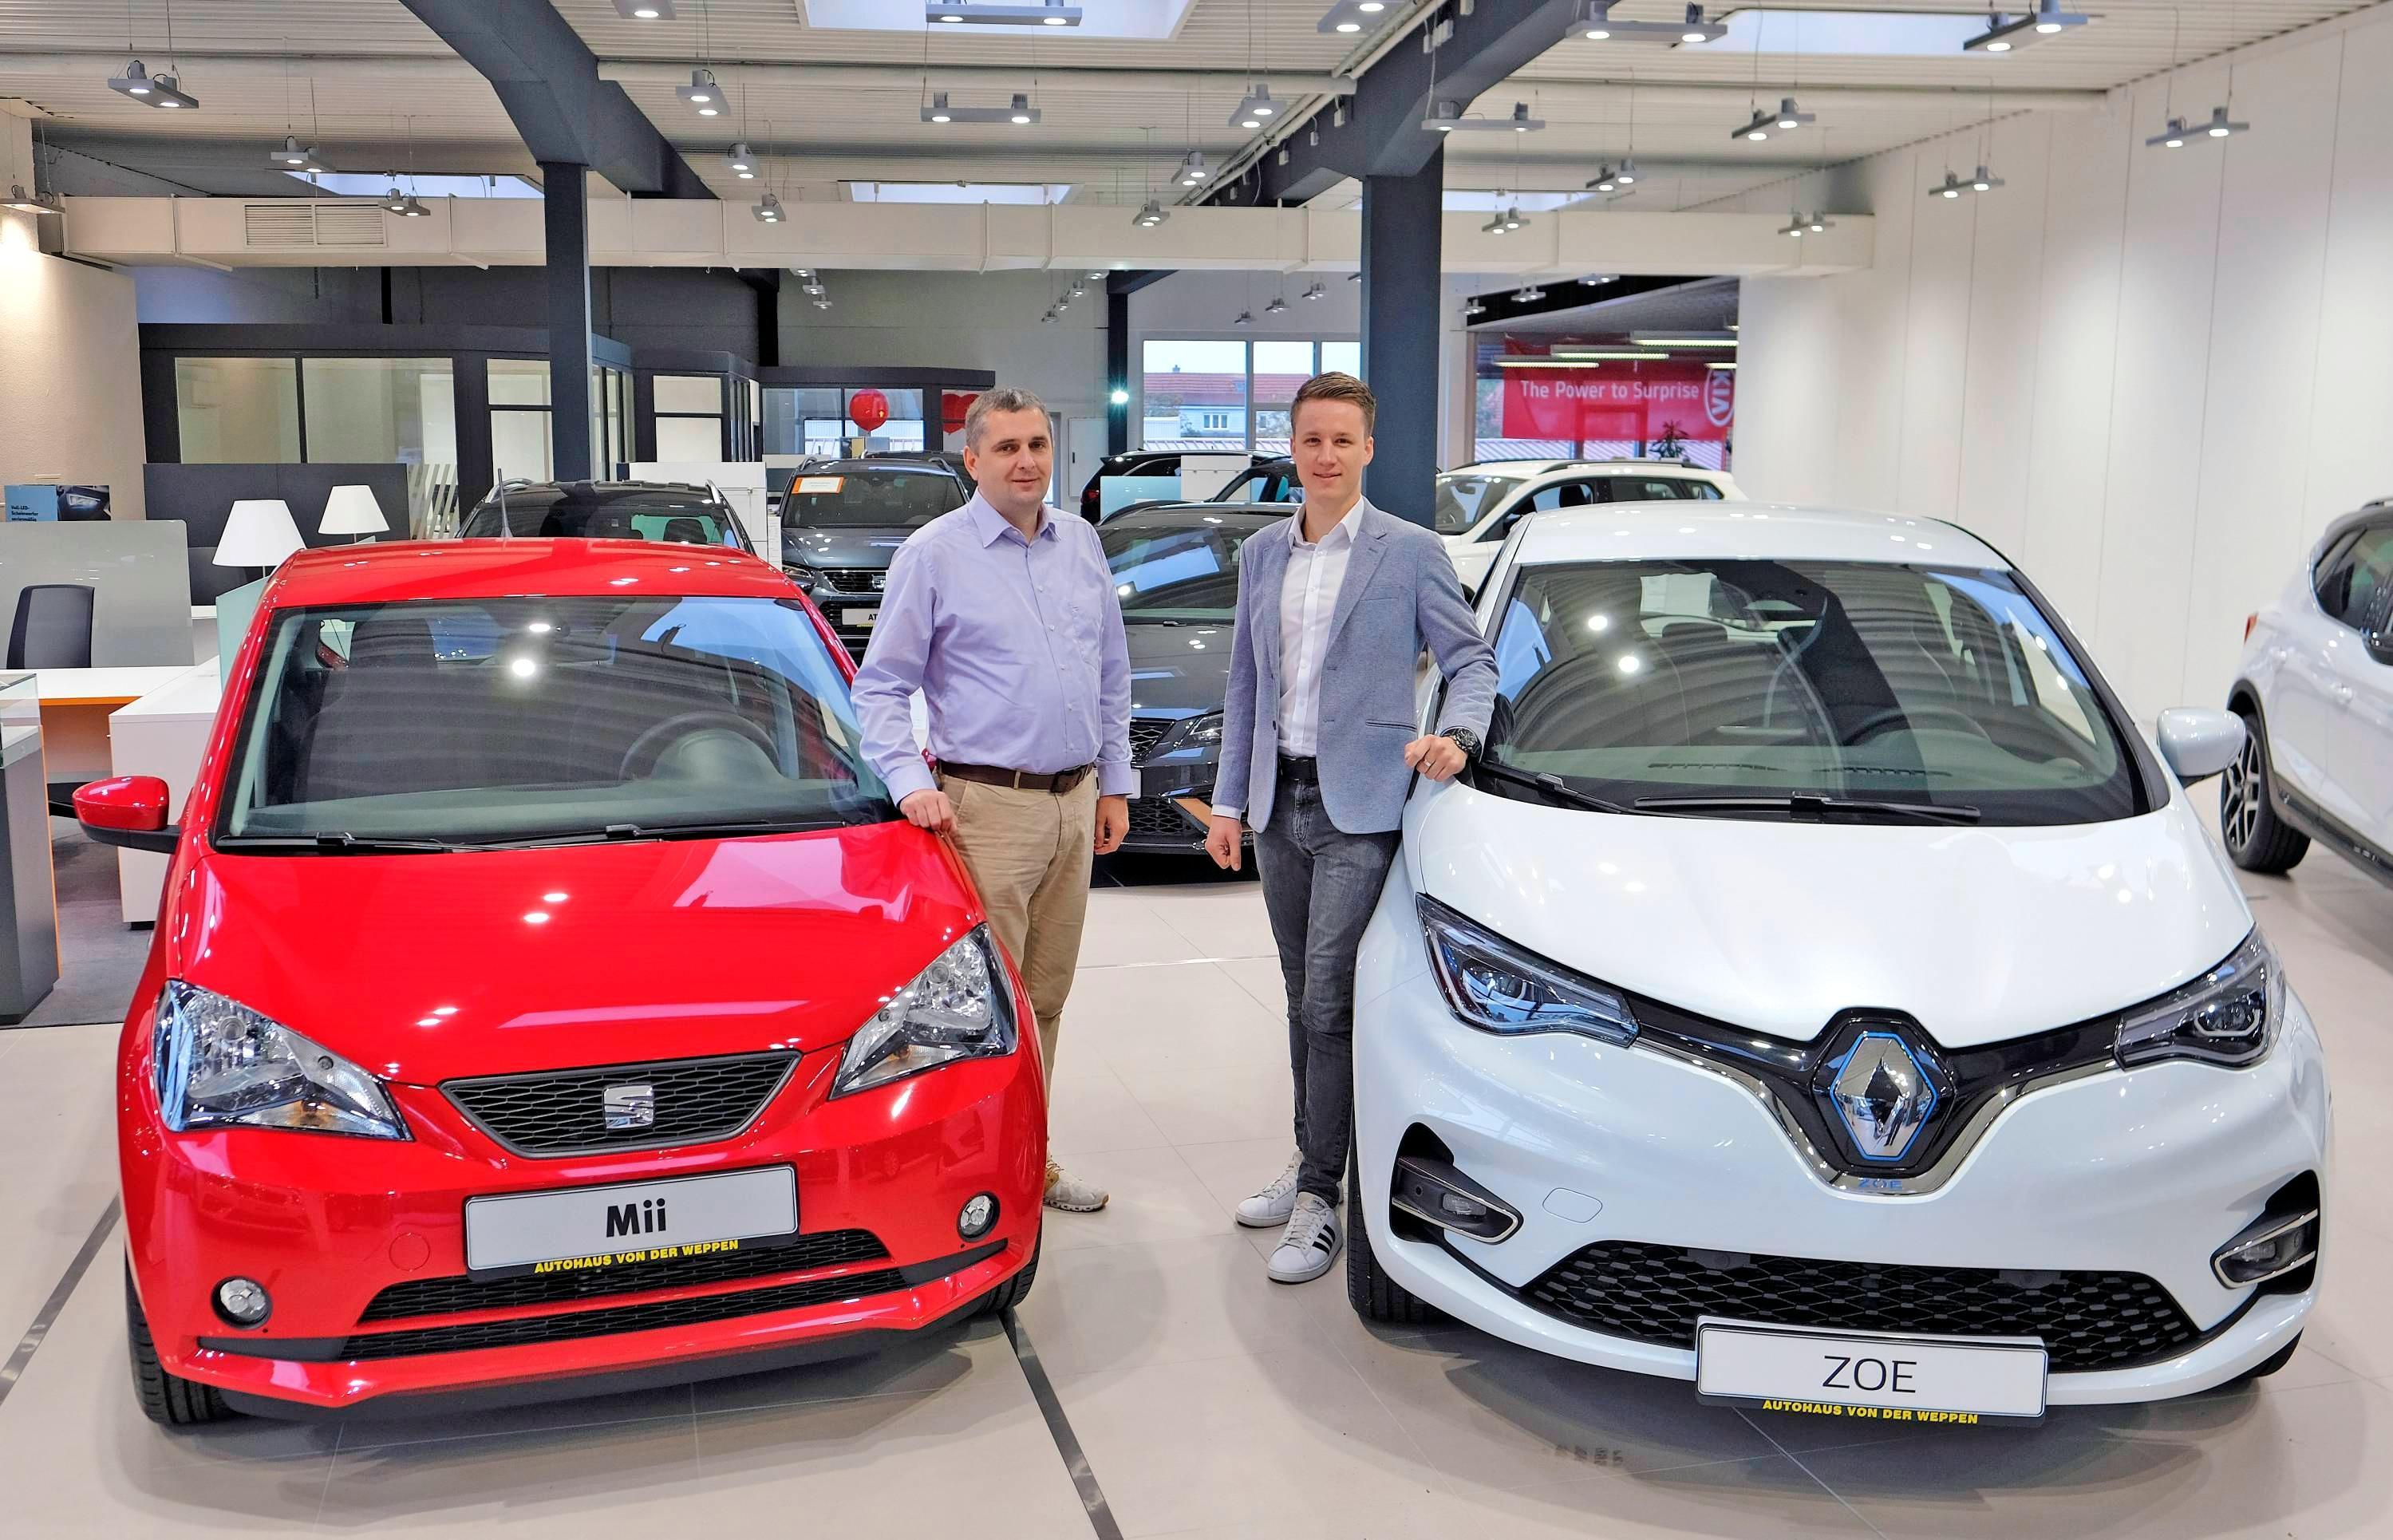 Beim kompetenten Verkaufsteam des Heilbronner Autohauses von der Weppen können Interessierte bereits den neuen Mii Electric (links) und den überarbeiteten Renault Zoe bestellen. Foto: Dennis Mugler